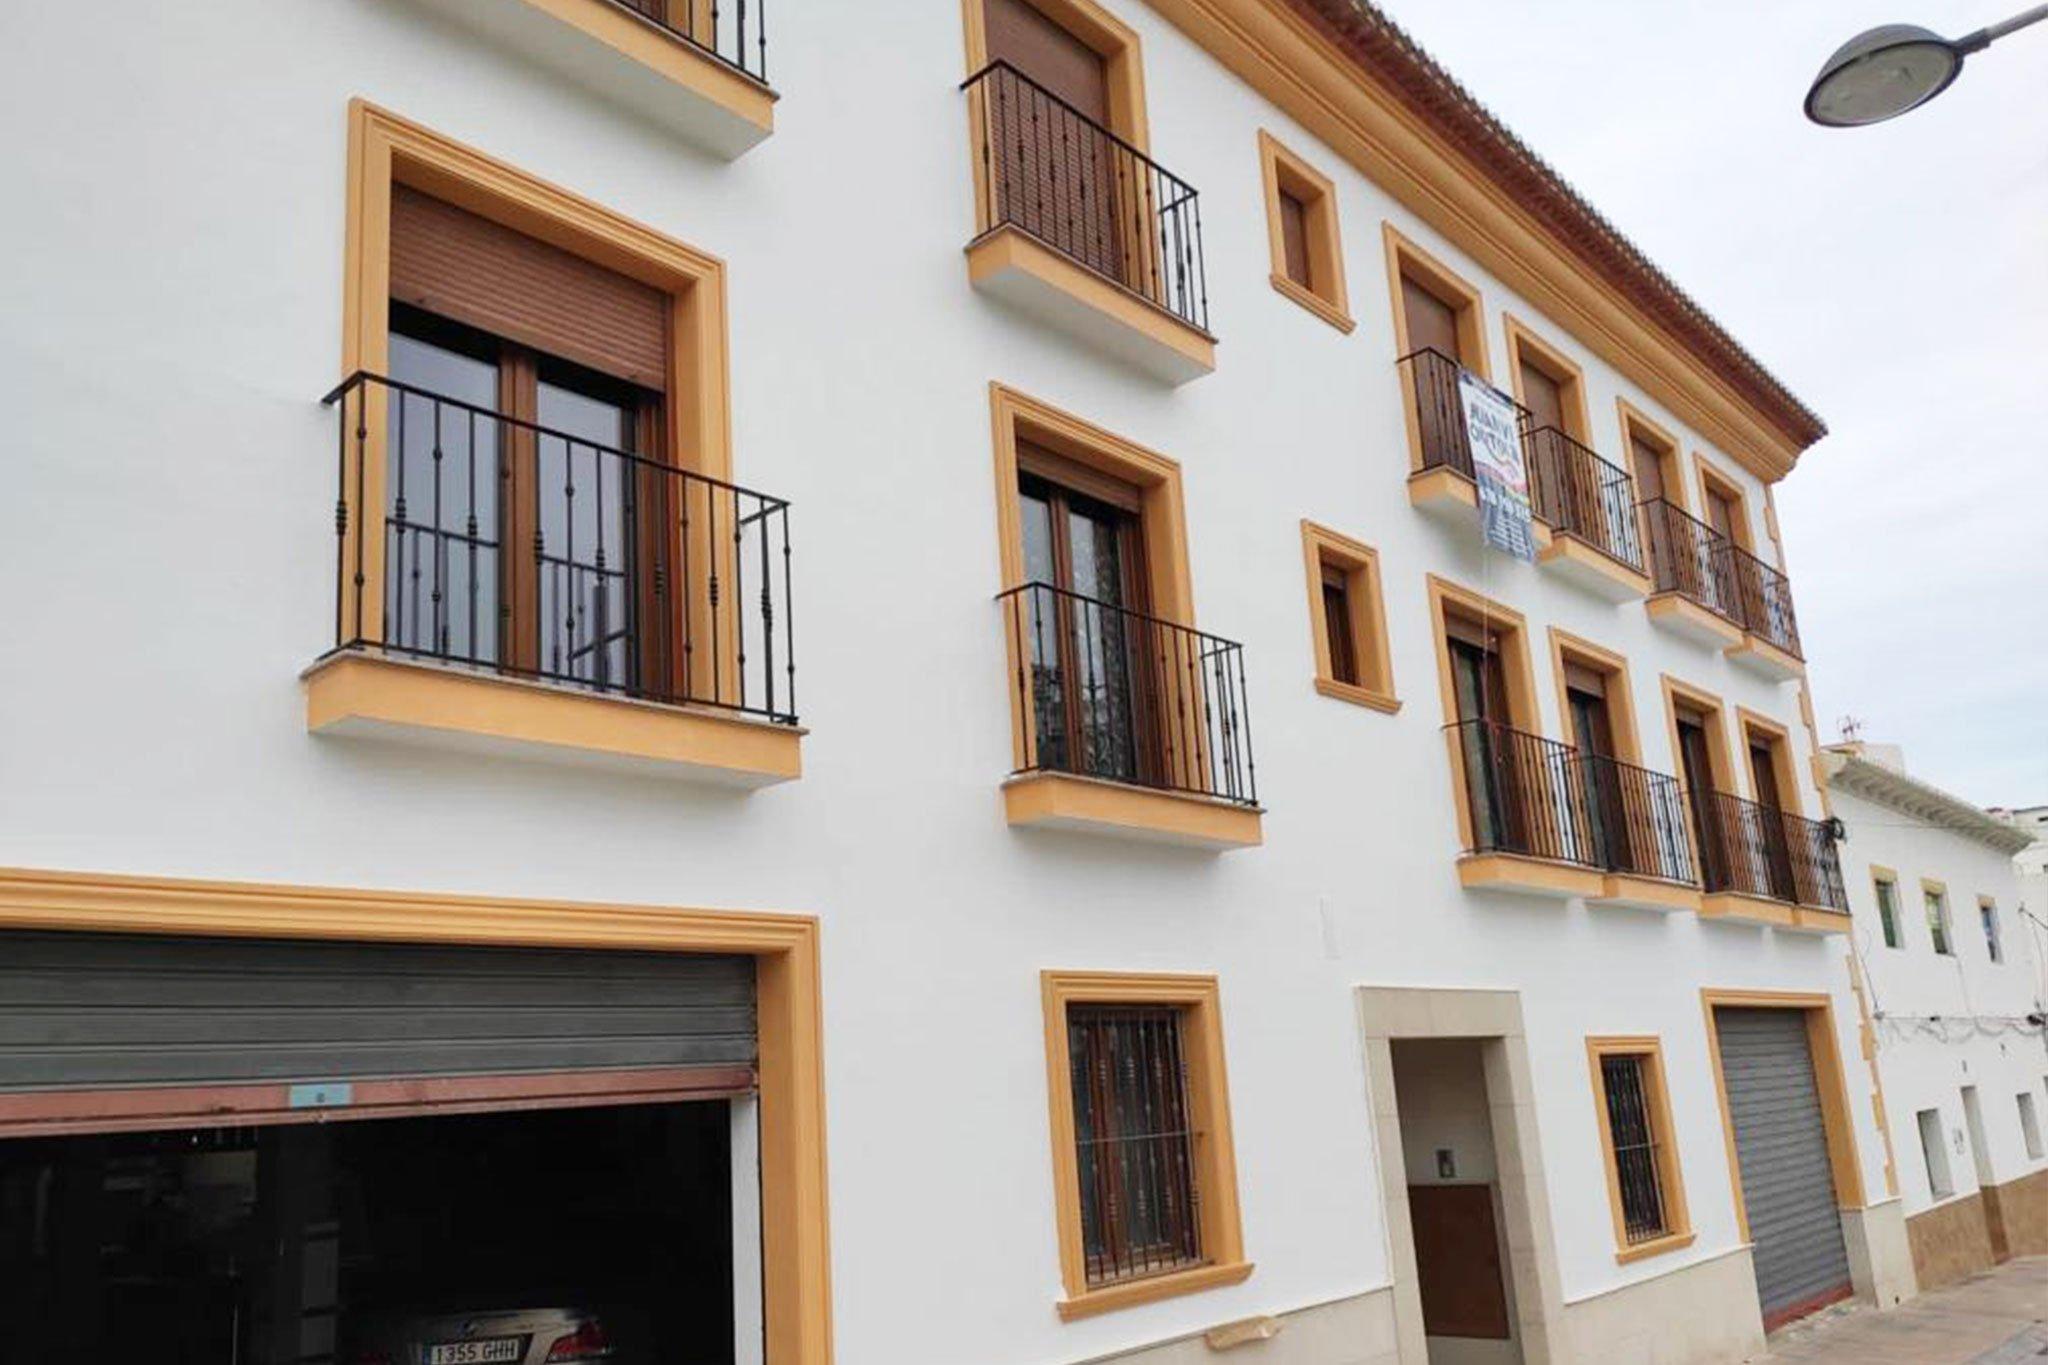 Pintura y rehabilitación de fachadas – Pinturas Juanvi Ortolà